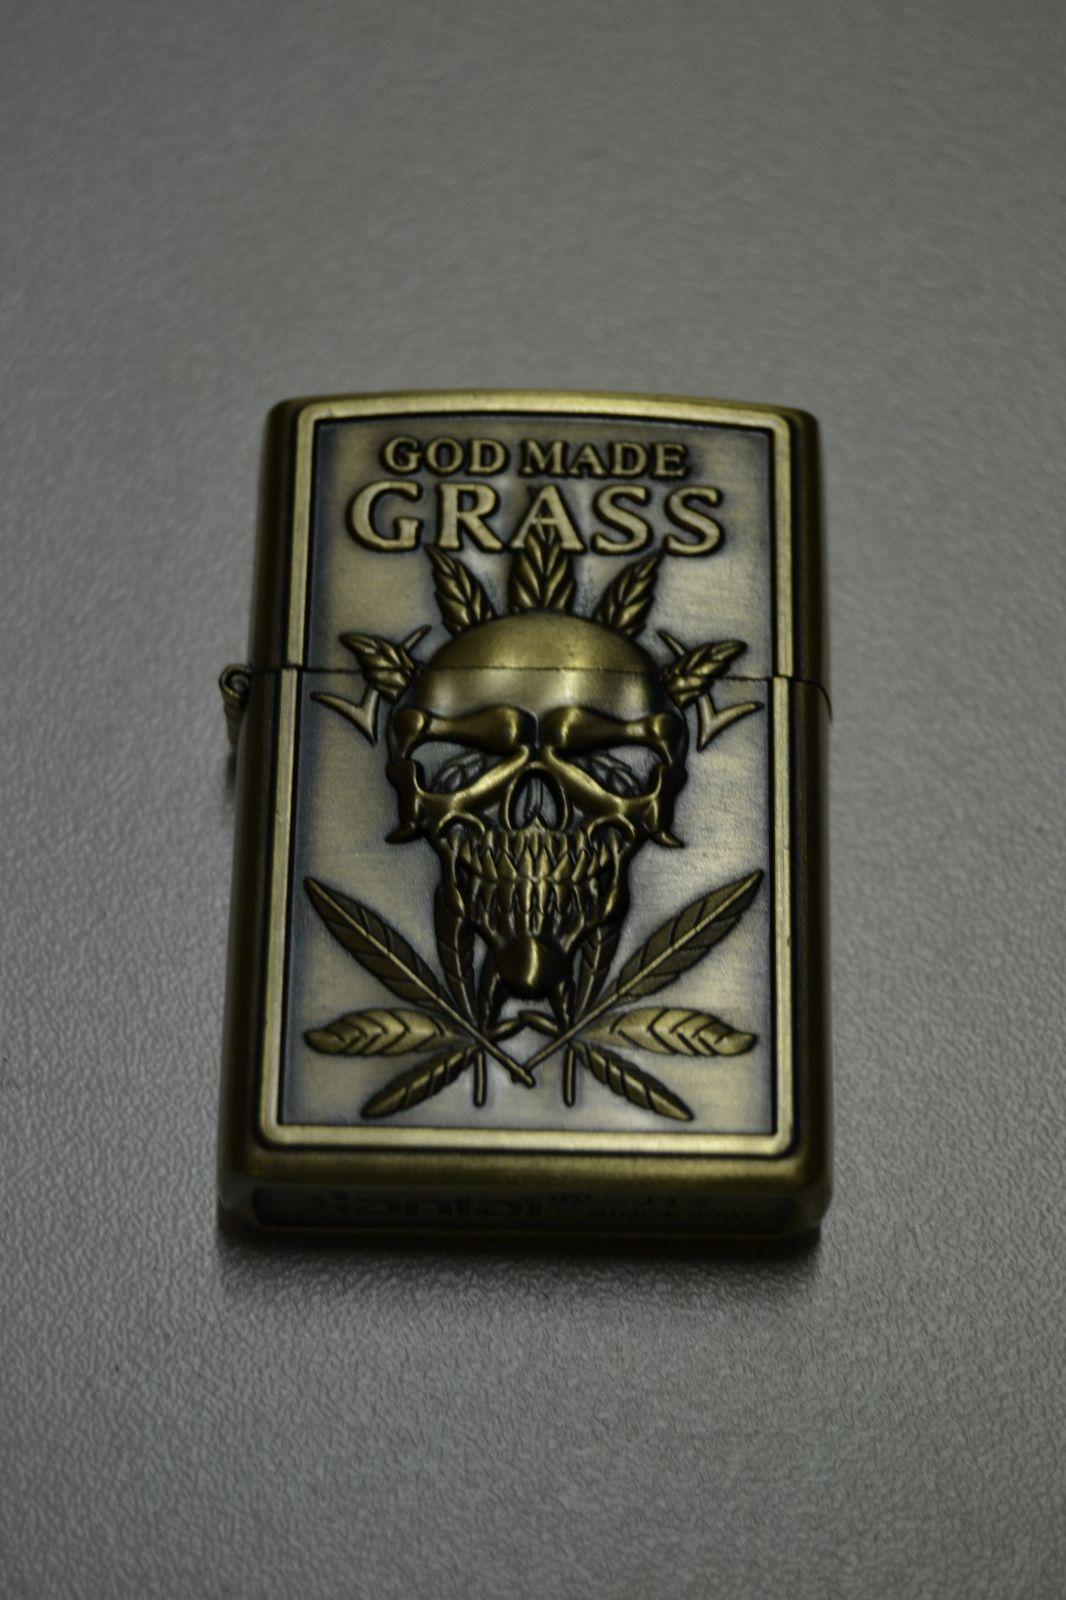 BENZÍNOVÝ ZAPALOVAČ Č.13 - cannabis god made grass